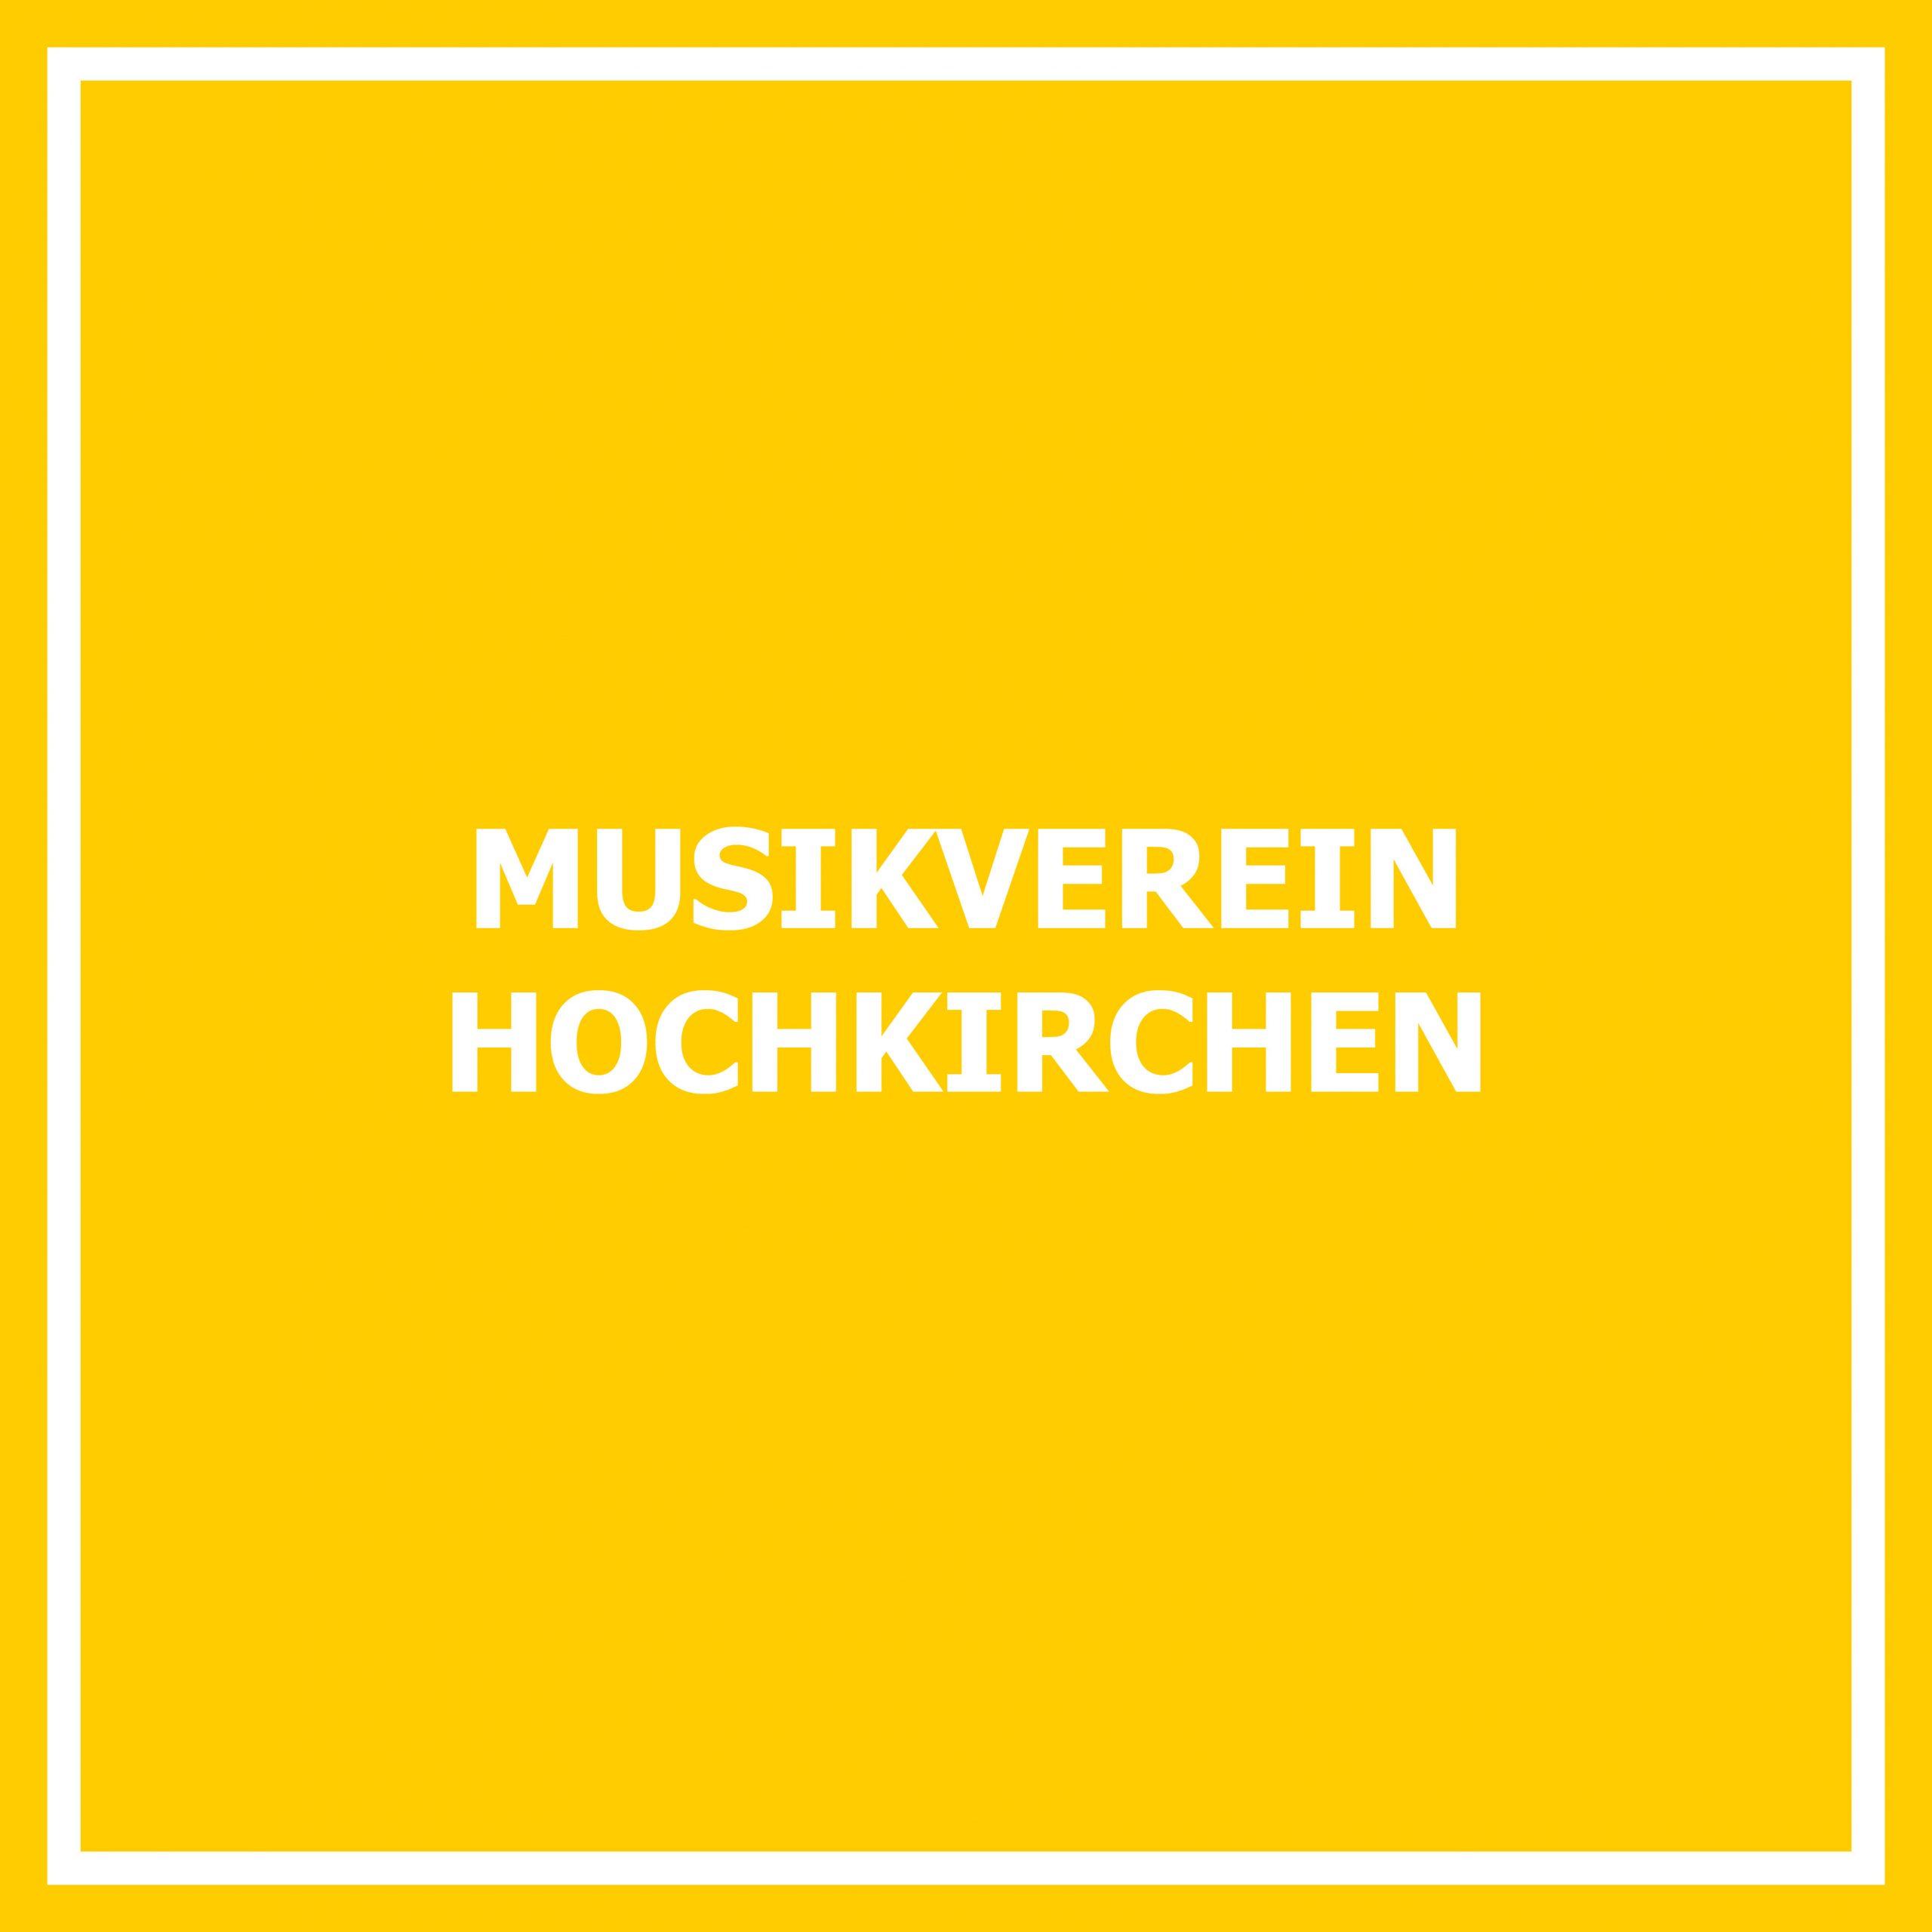 Musikverein Hochkirchen